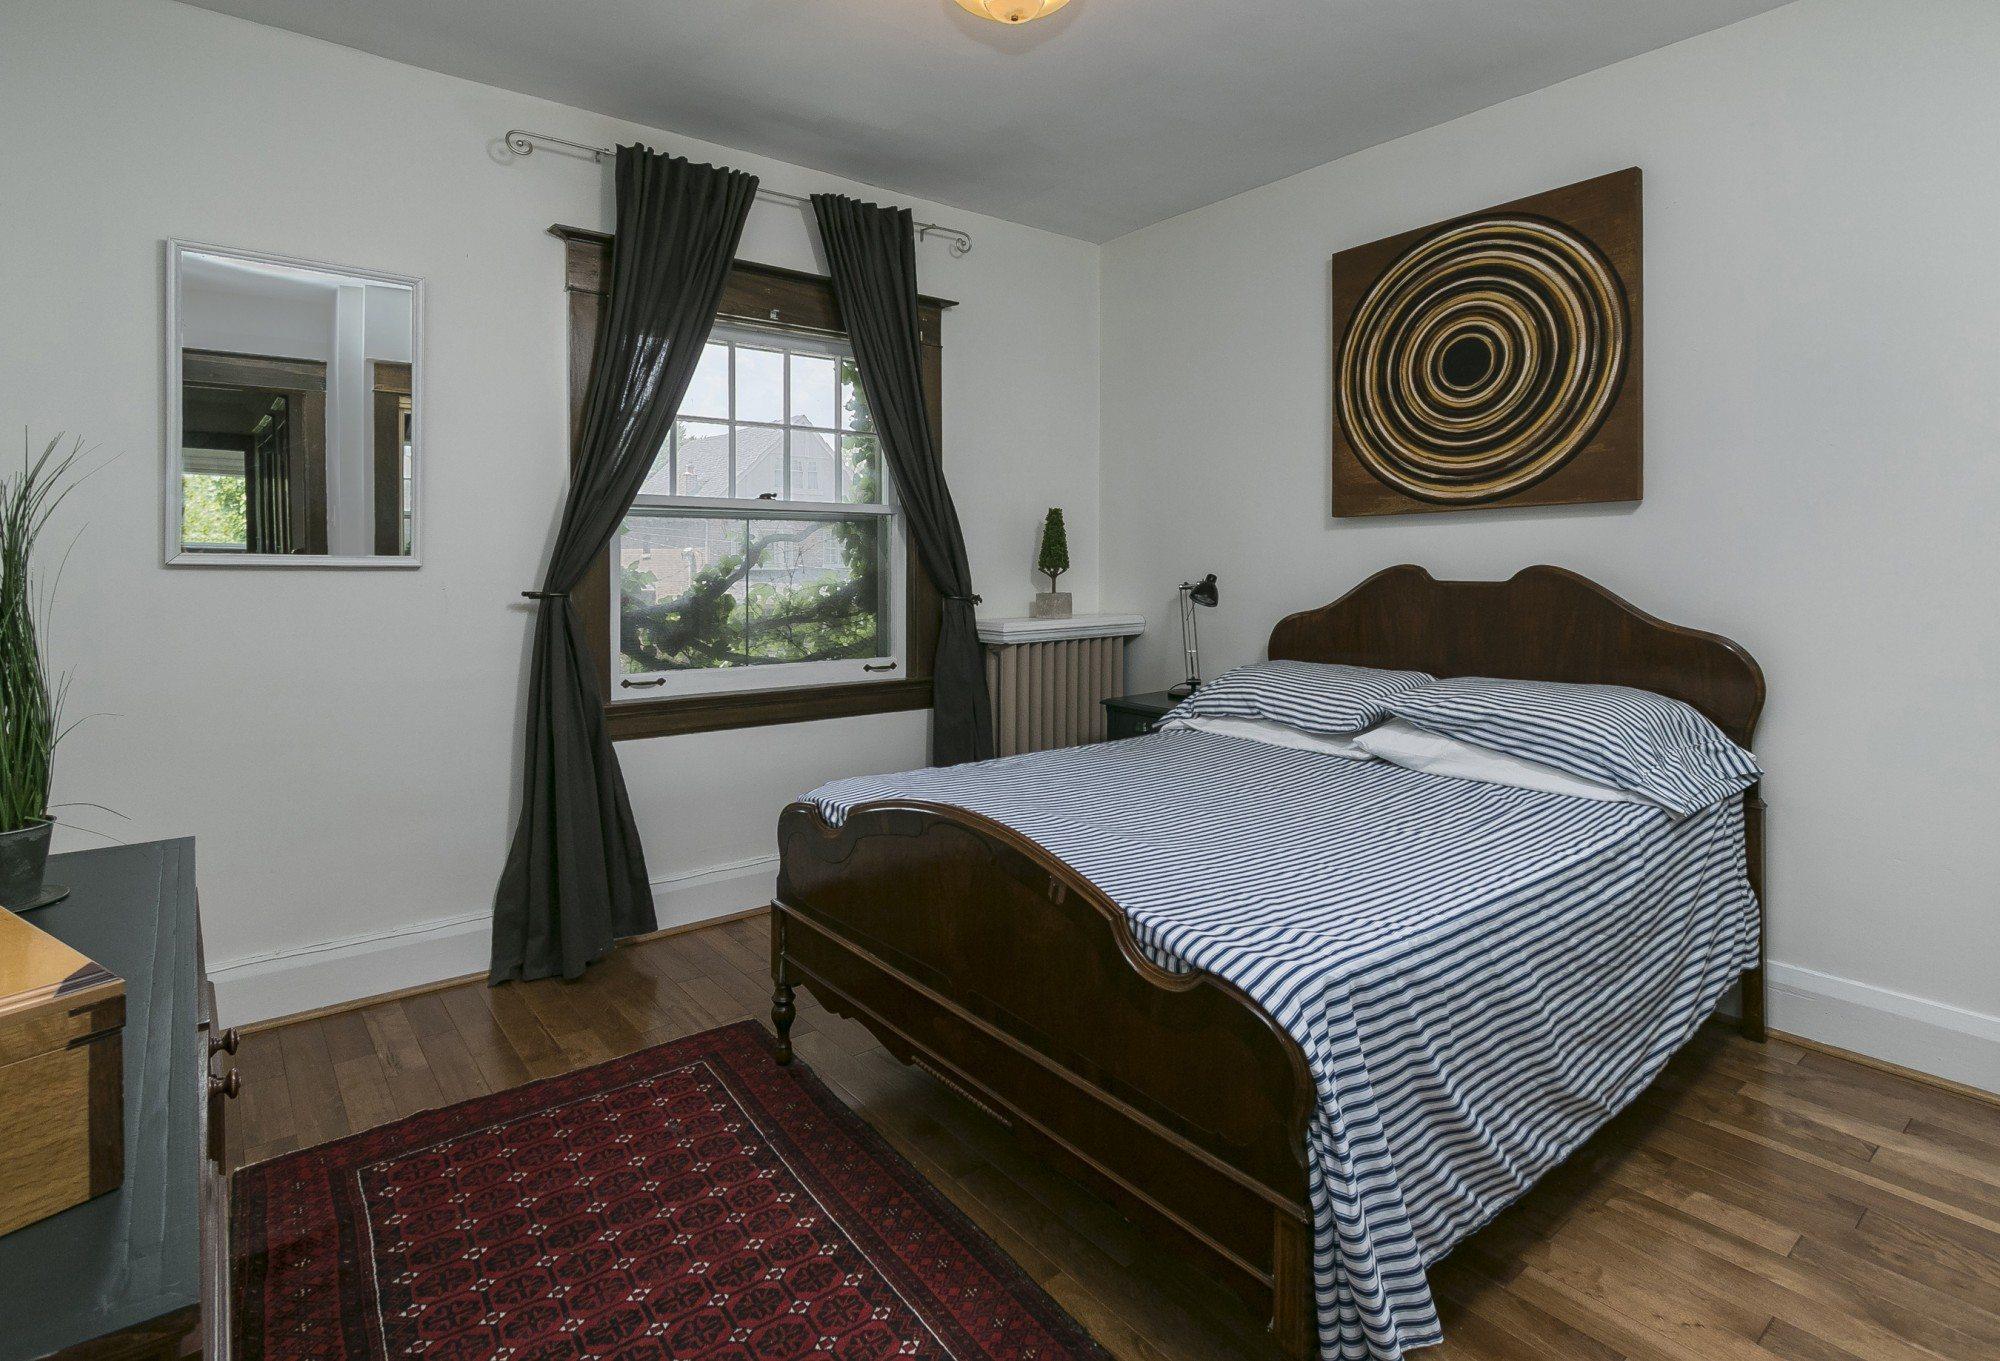 toronto-house-for-sale-15-glenholme-avenue-8